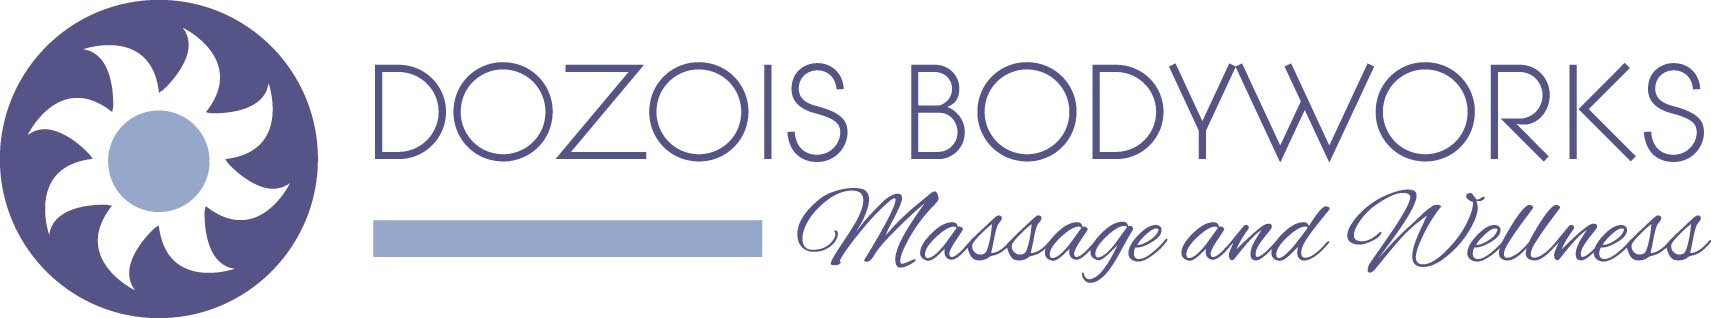 Sponsor Dozois BodyWorks Massage Therapy